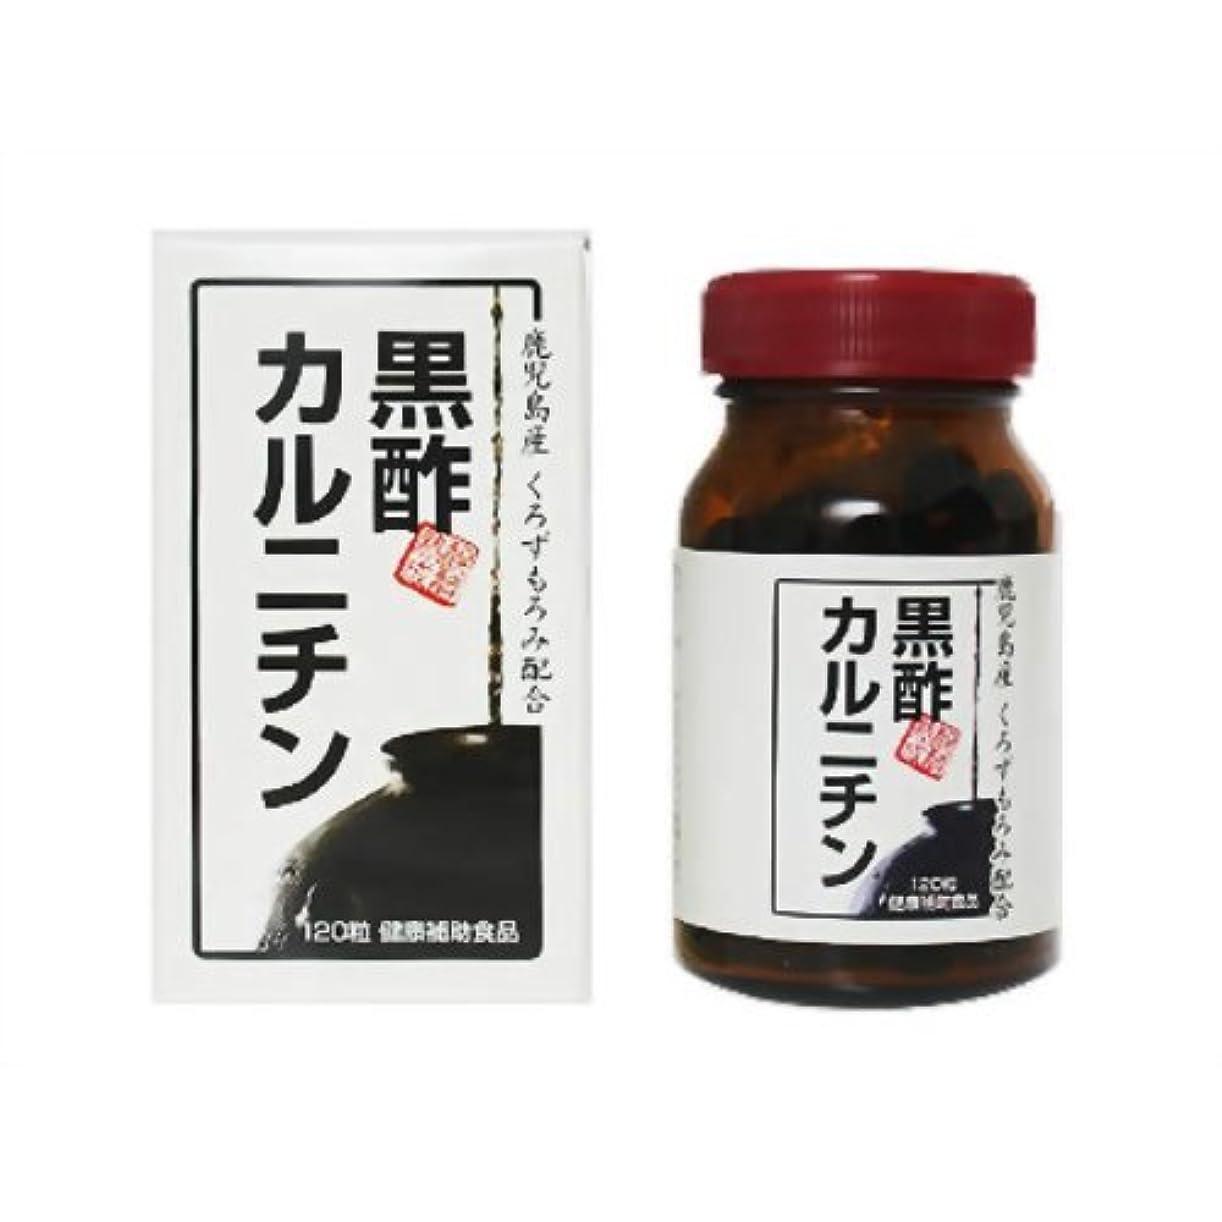 方法論ありがたい水星黒酢カルニチン 120粒